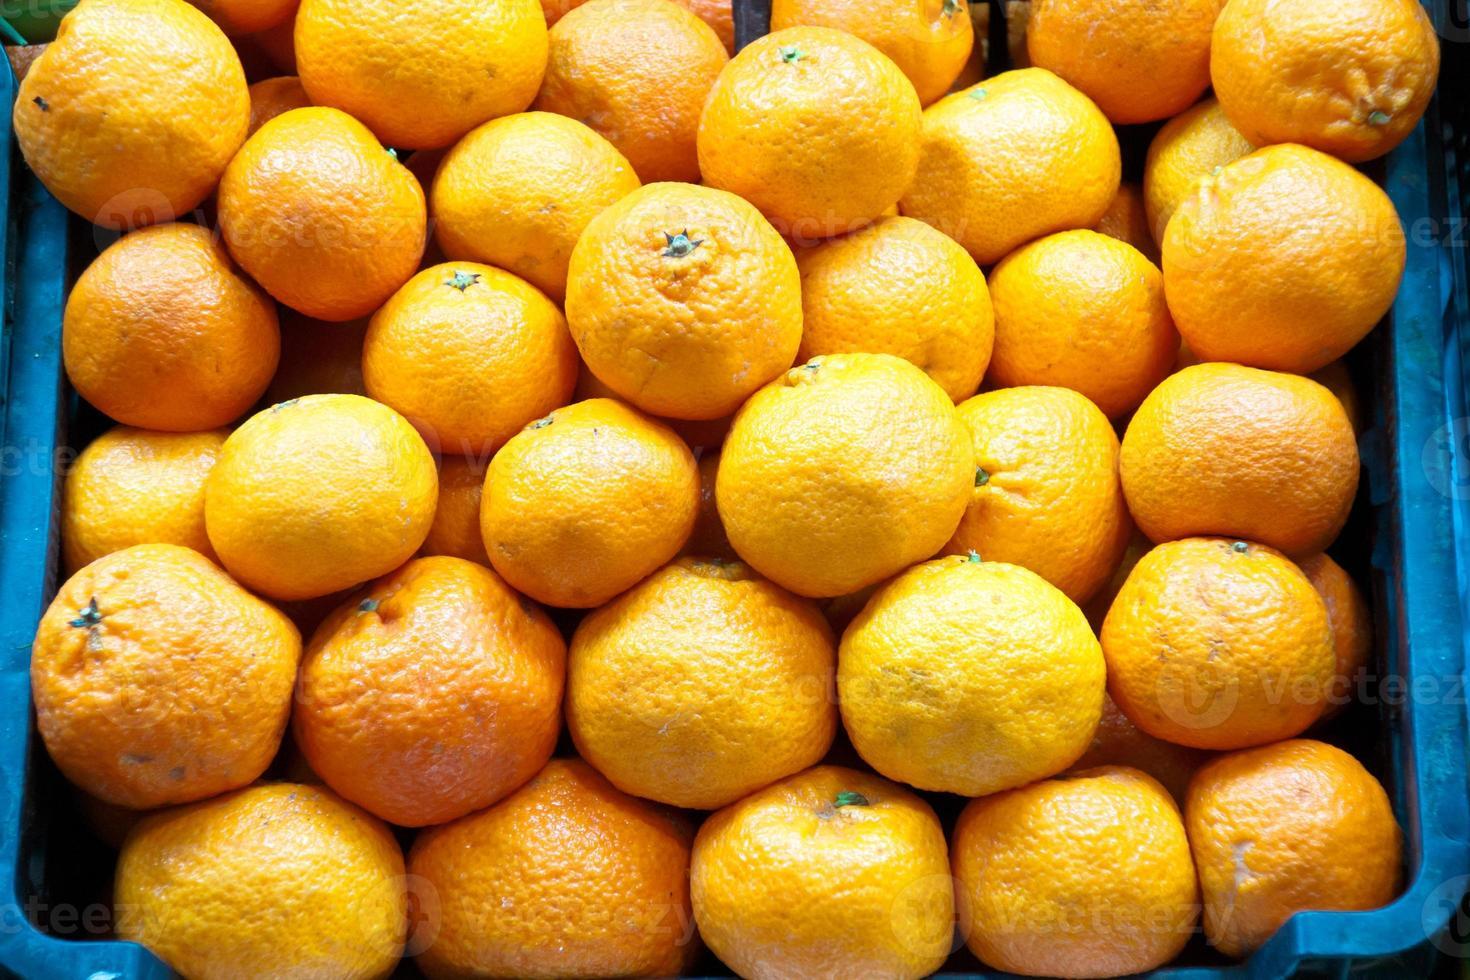 oranges in a market photo